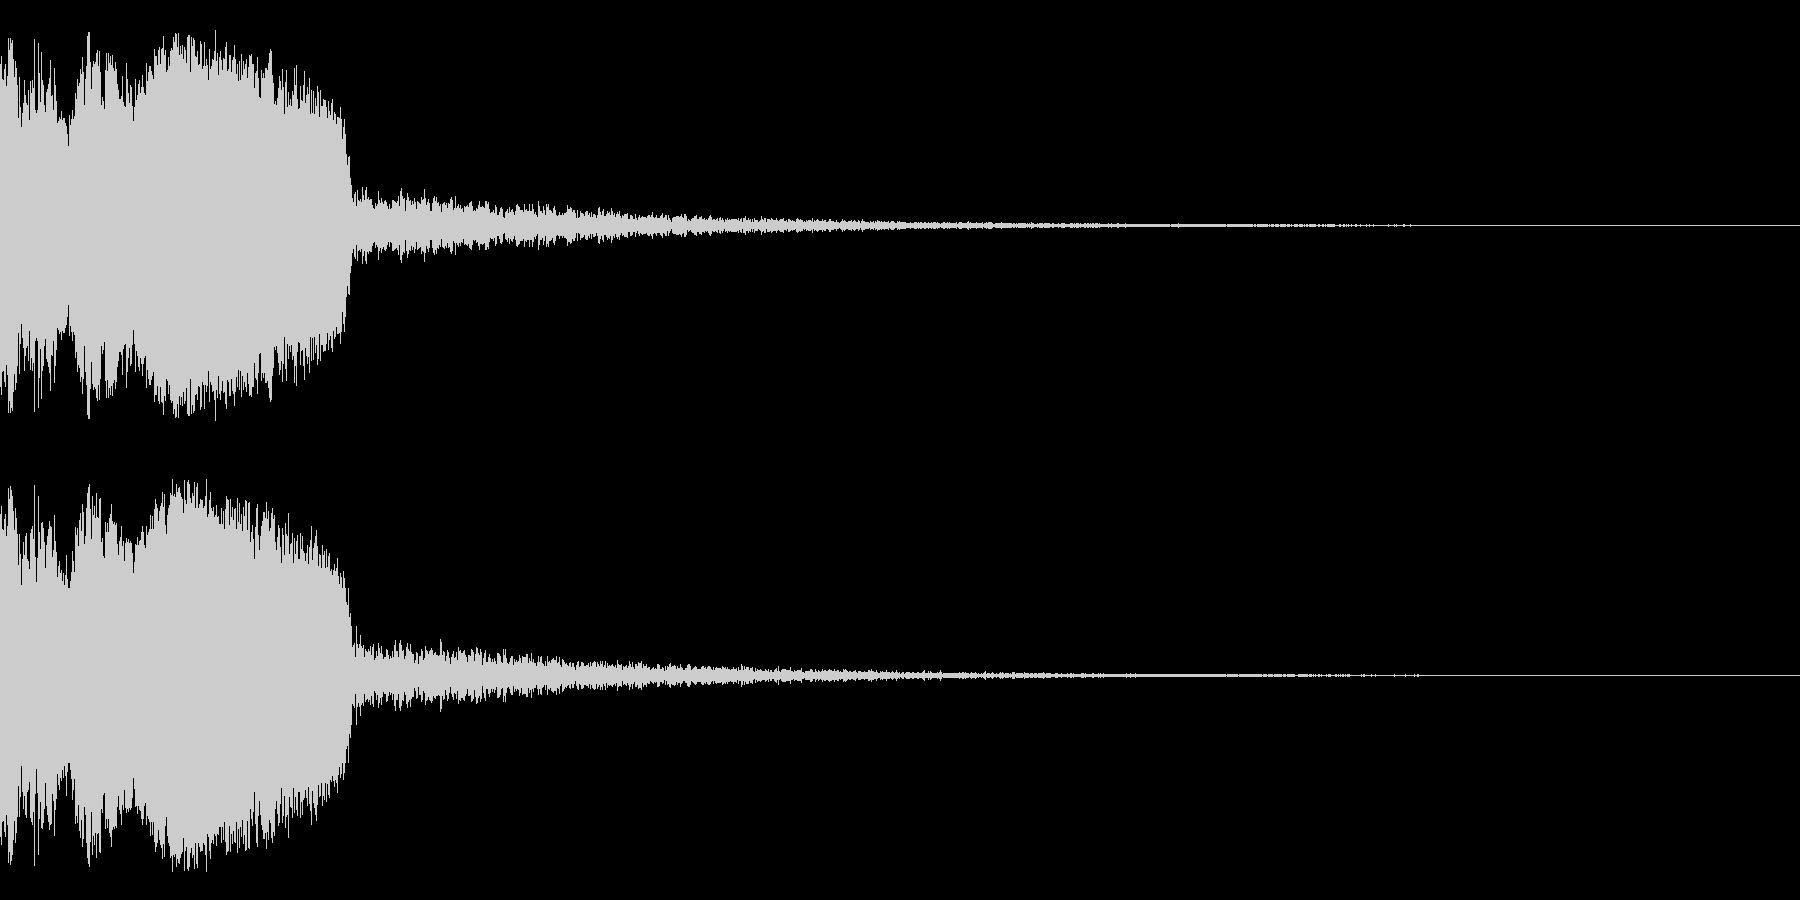 DJFX ヒットチャート発表前SE 30の未再生の波形